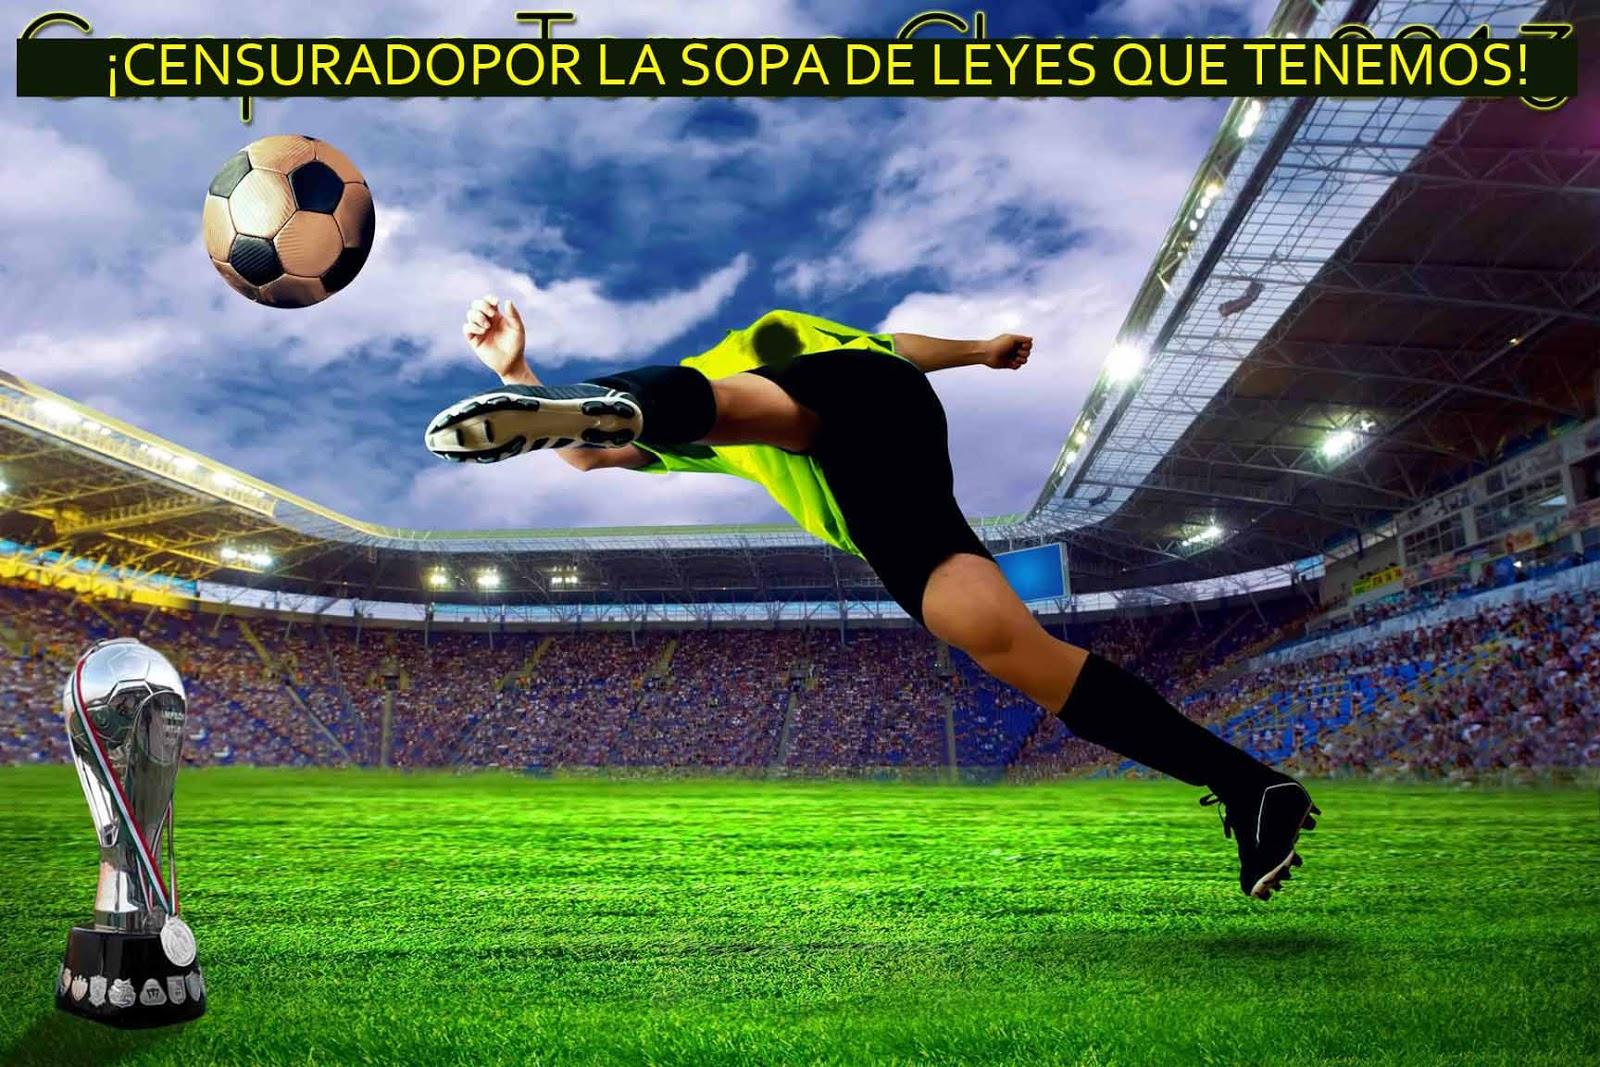 Recursos graficos para diseño.: Plantilla psd estadio de futbol